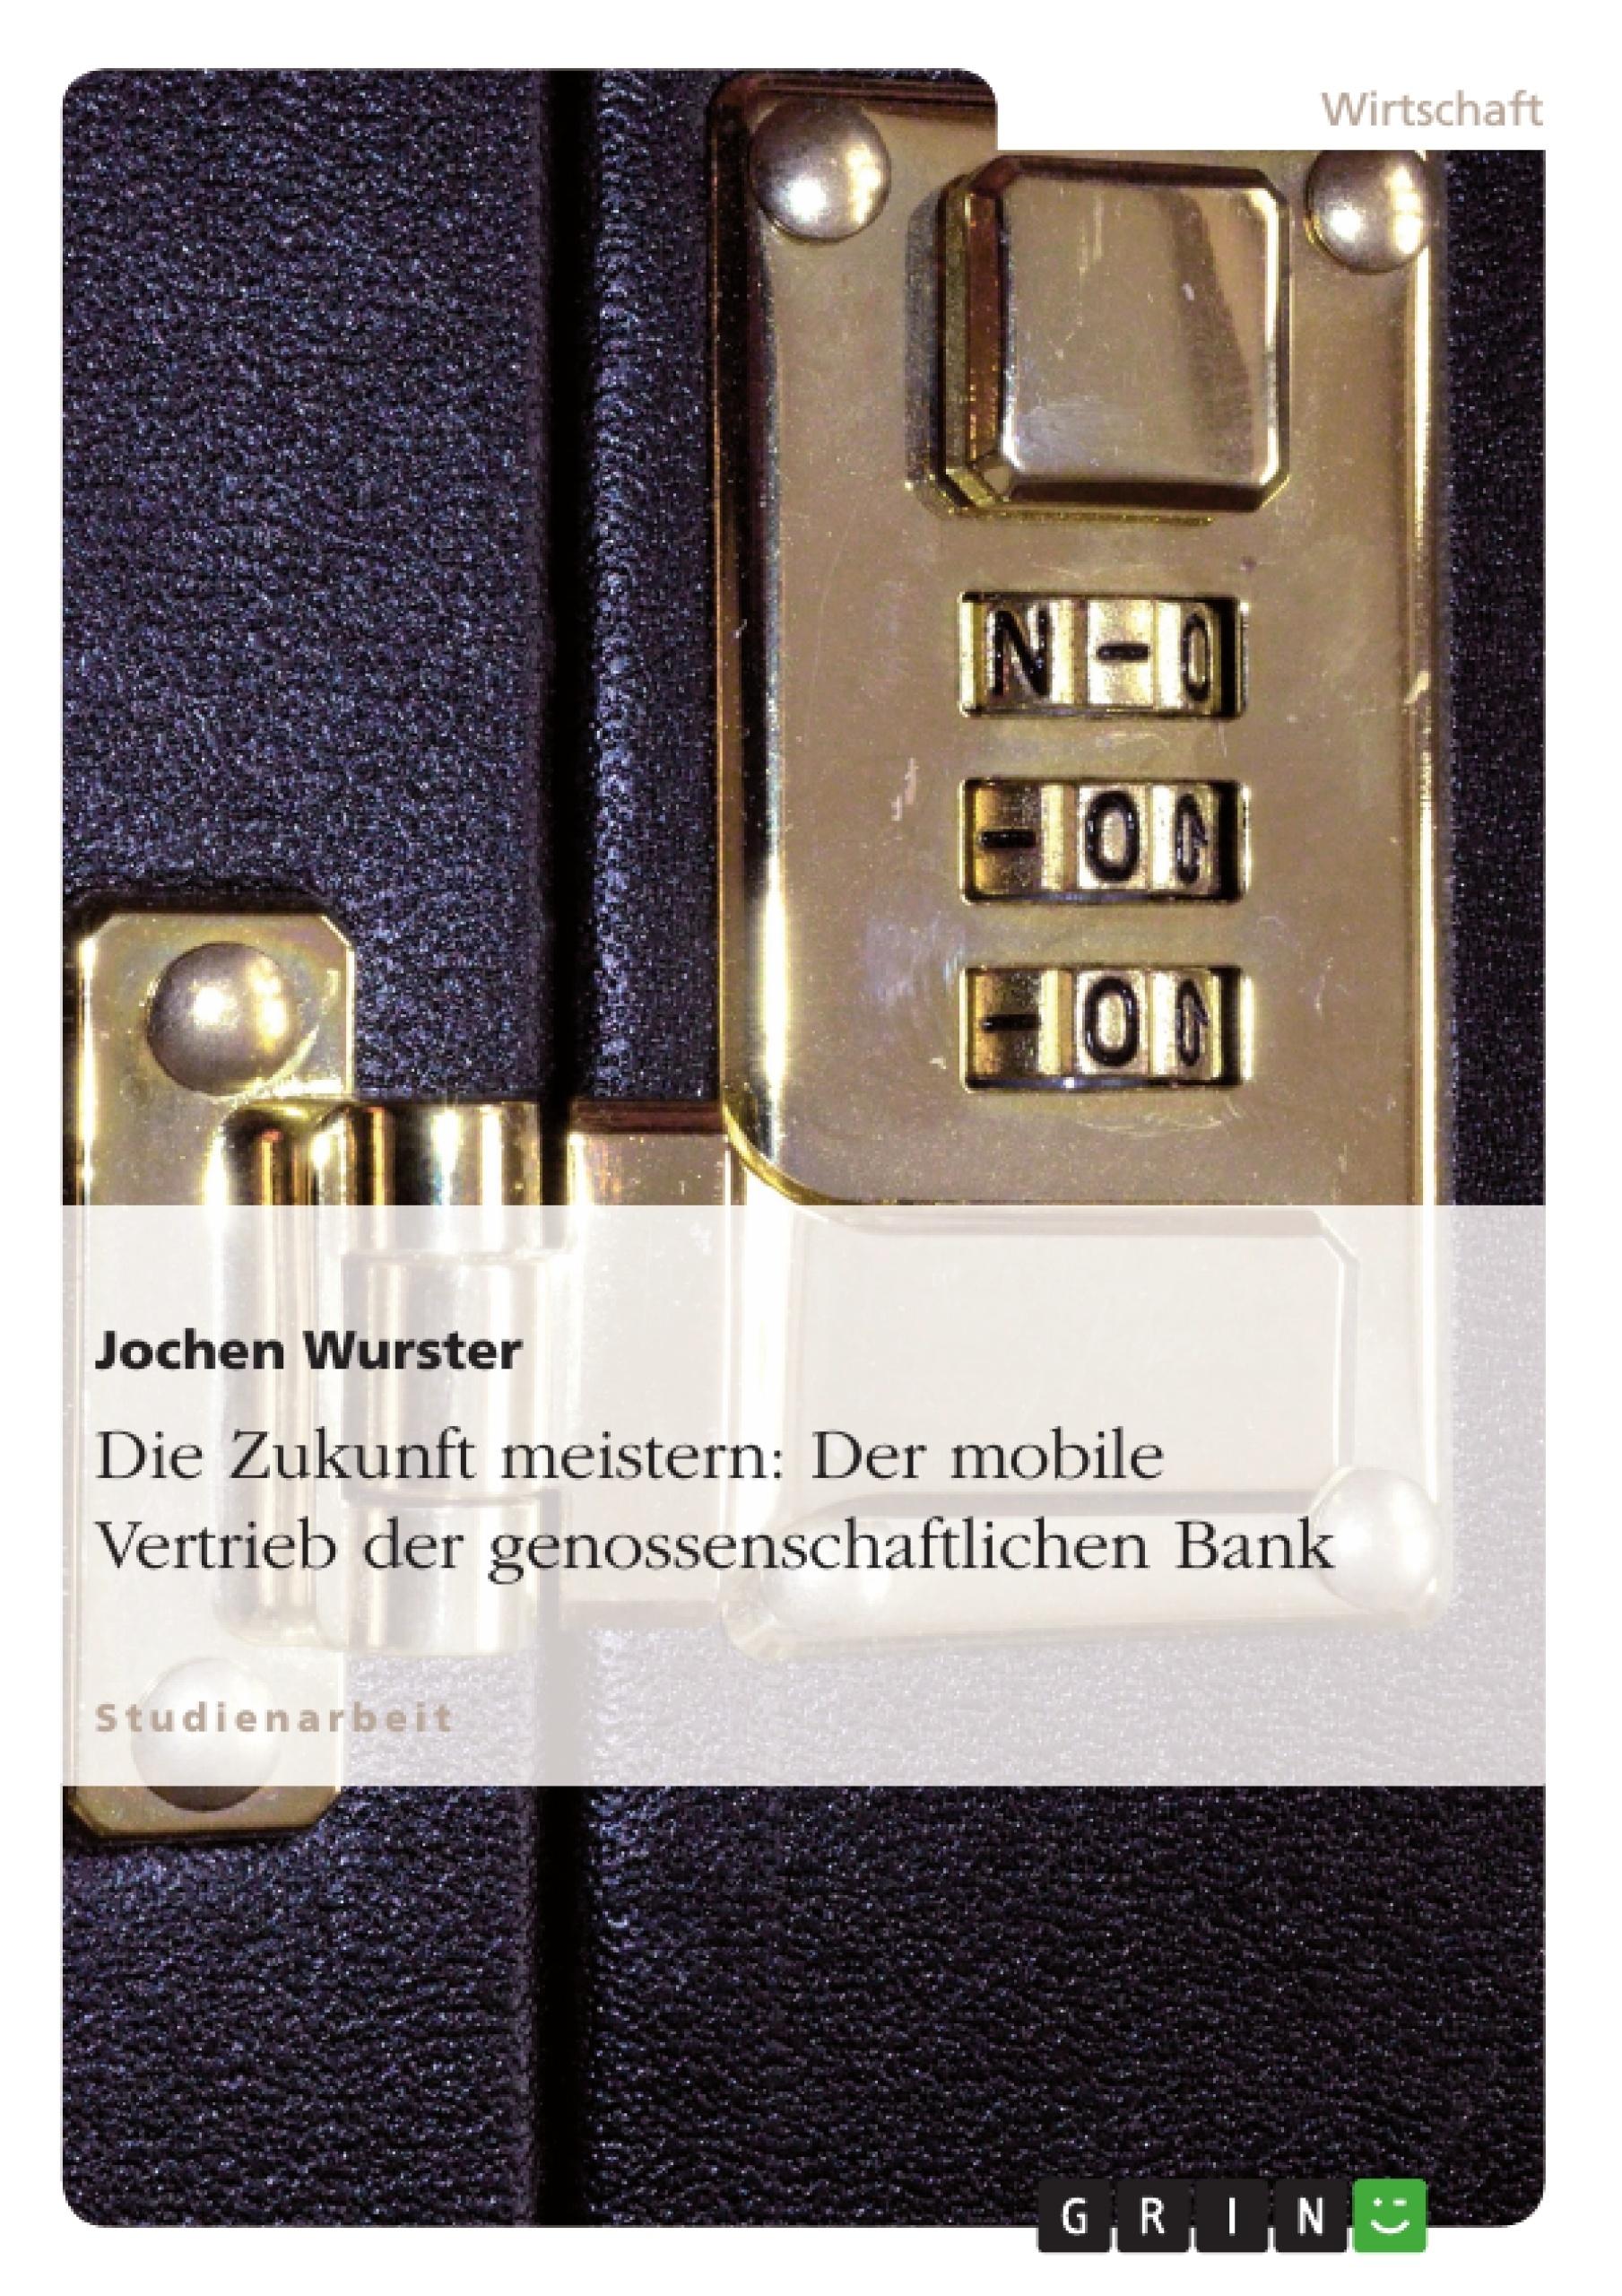 Titel: Die Zukunft meistern: Der mobile Vertrieb der genossenschaftlichen Bank